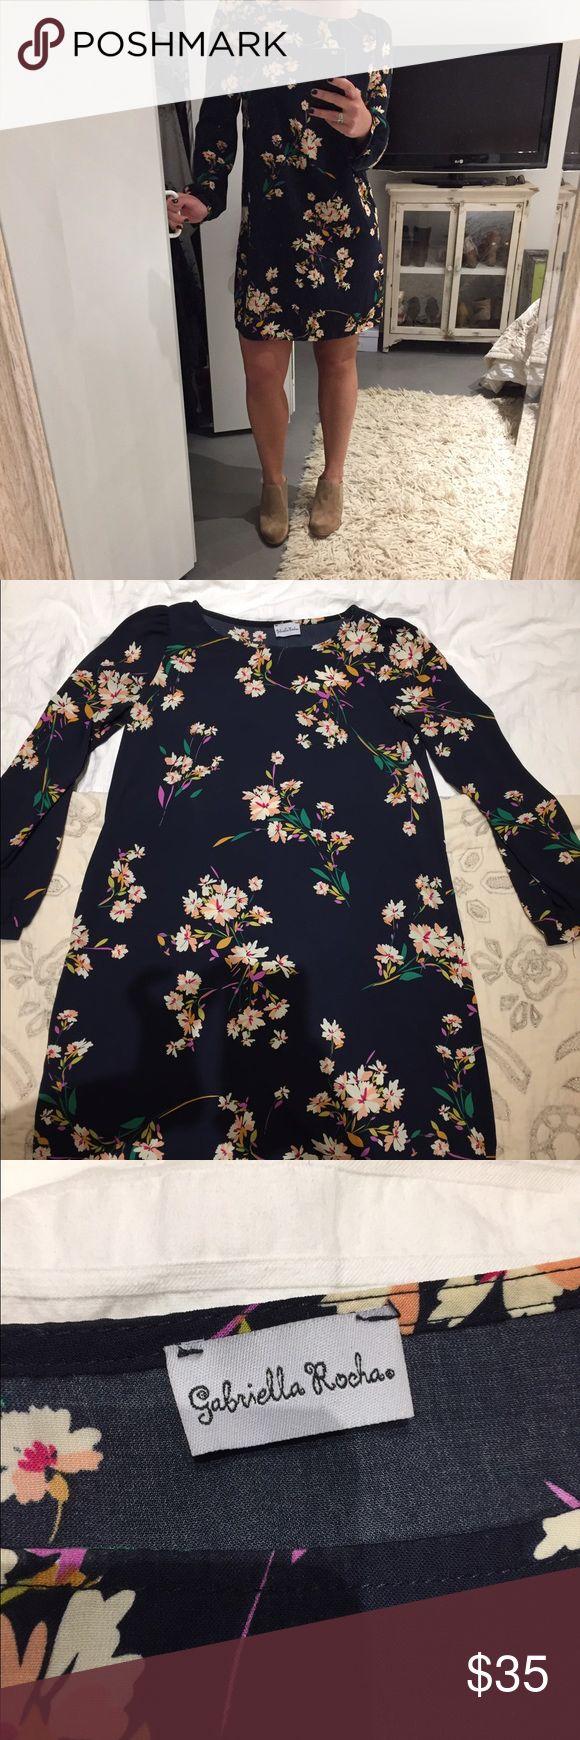 Gabriella rocha dress Gabriella rocha dress. Size small. Like new condition. gabriella Rocha Dresses Mini